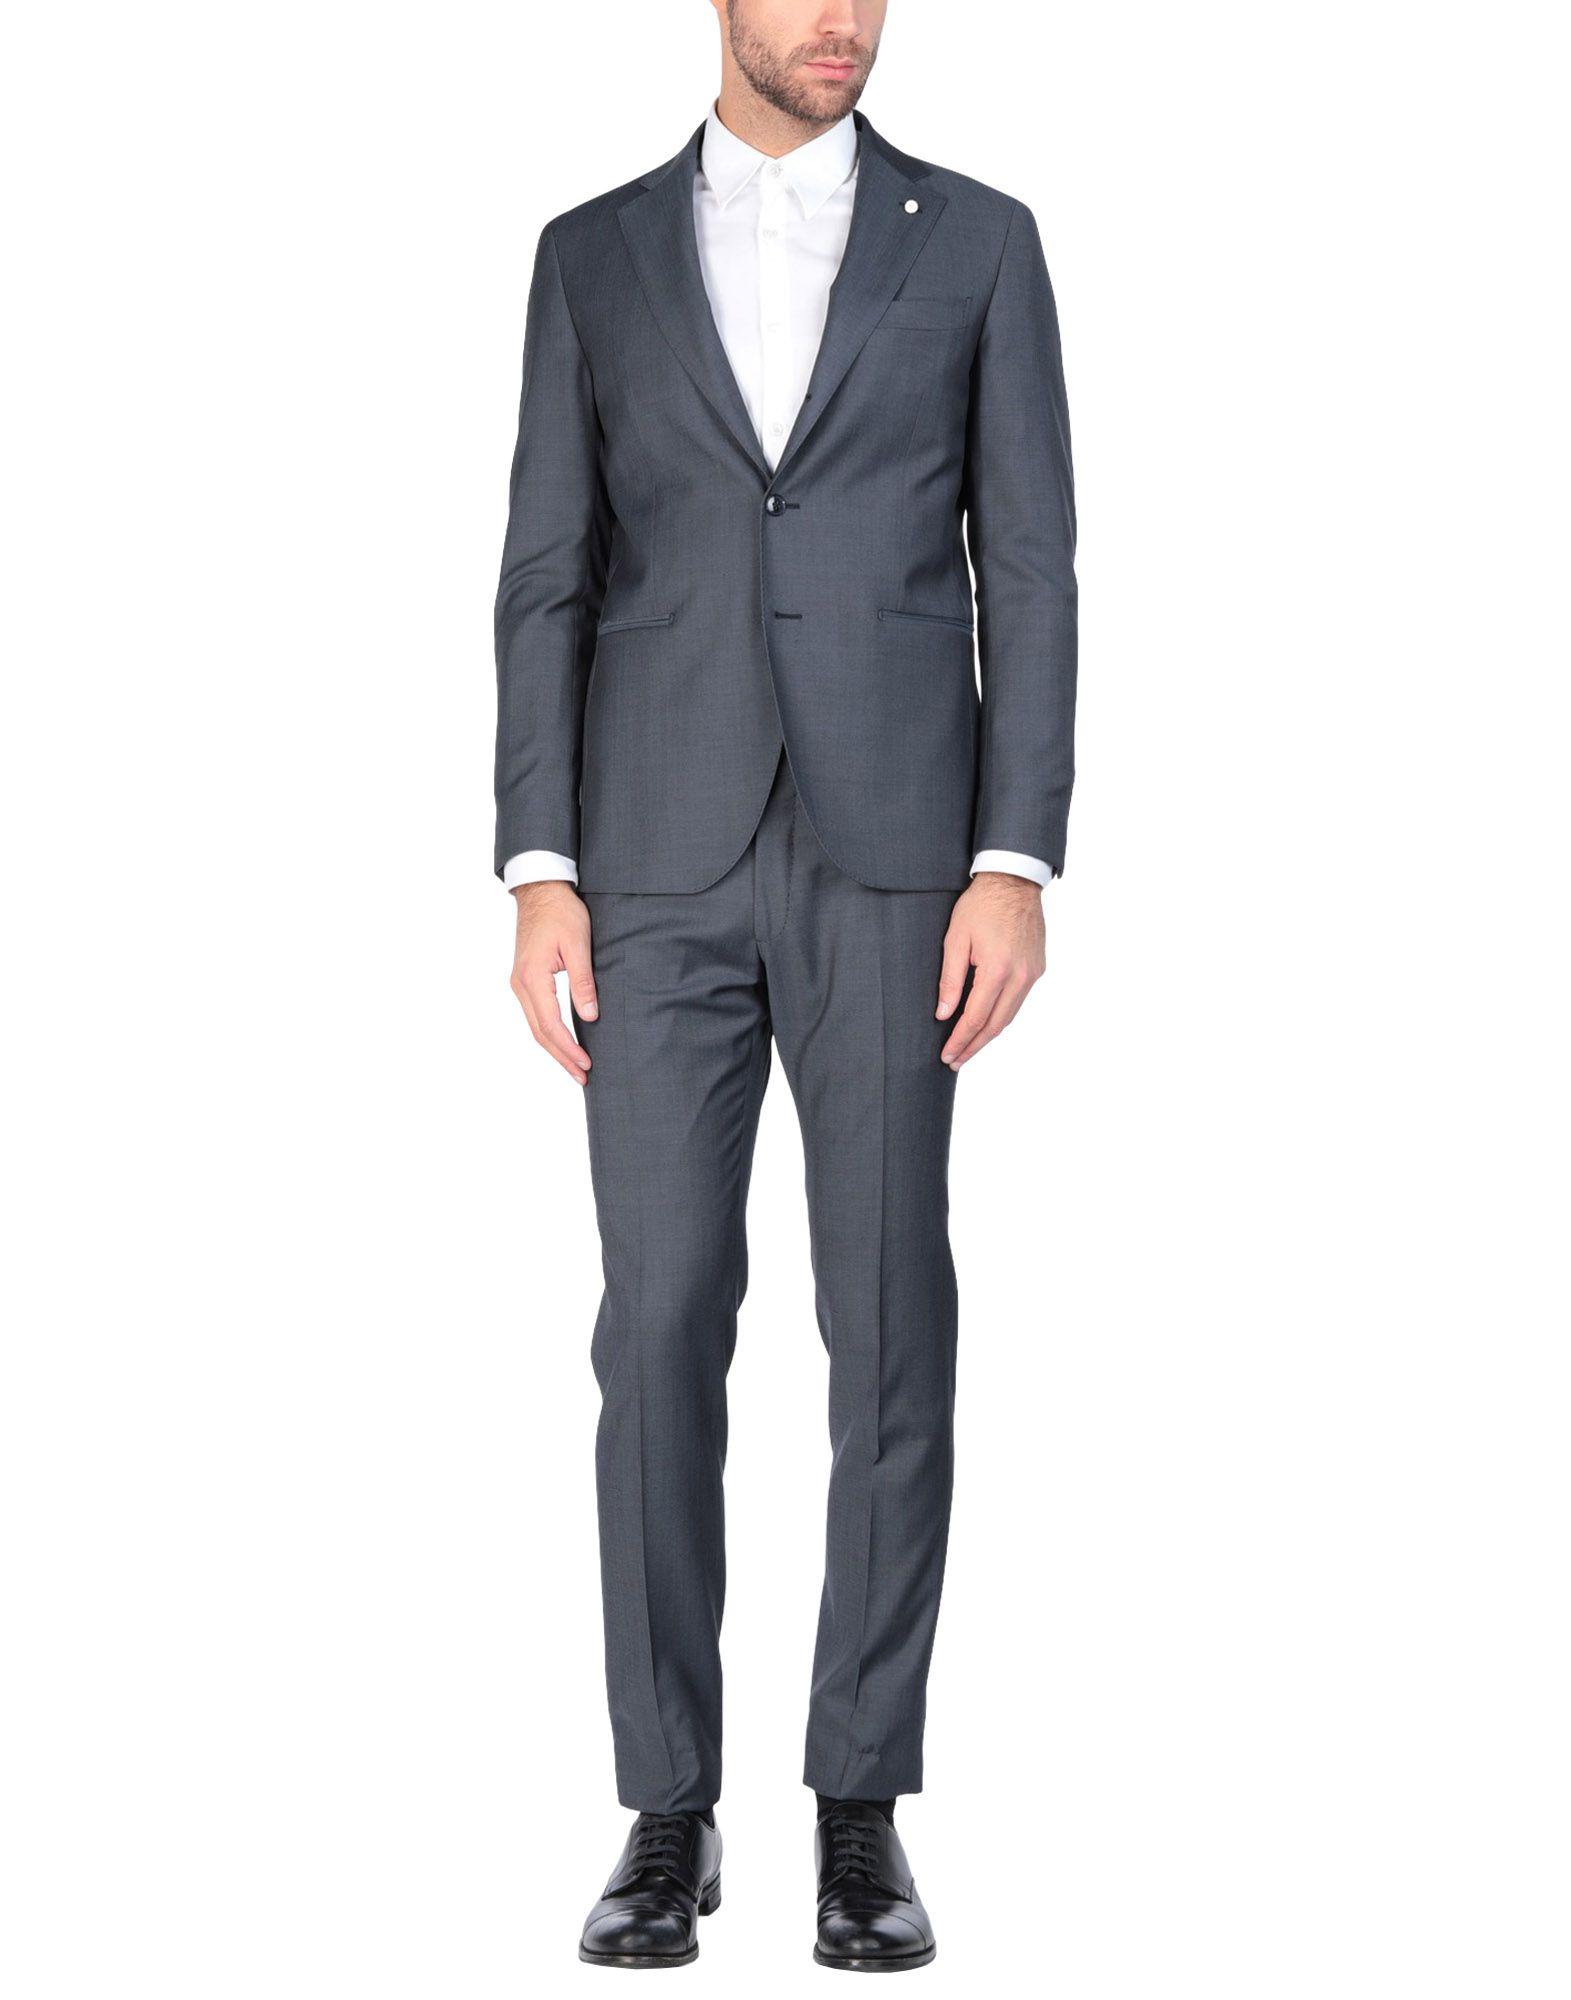 《送料無料》LUIGI BIANCHI Mantova メンズ スーツ ブルーグレー 46 バージンウール 100%